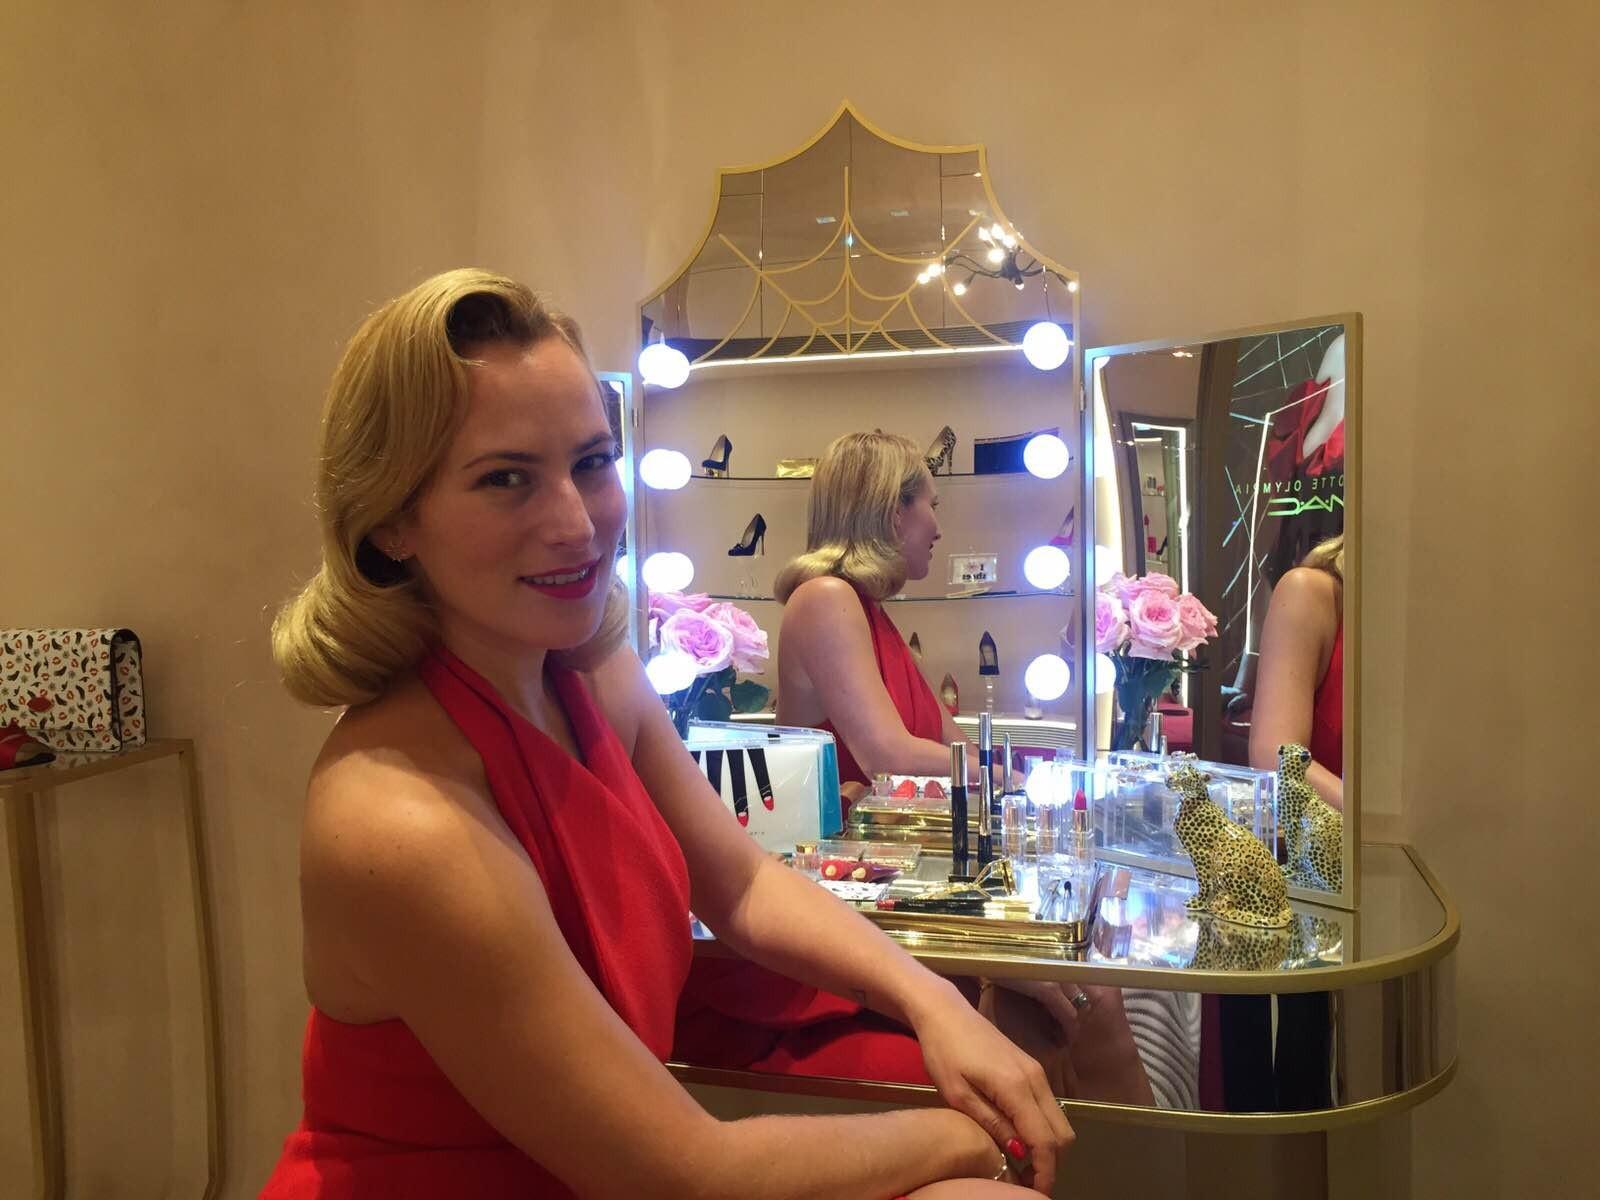 Charlotte com seus produtos  (Foto: Victoria Ceridono)